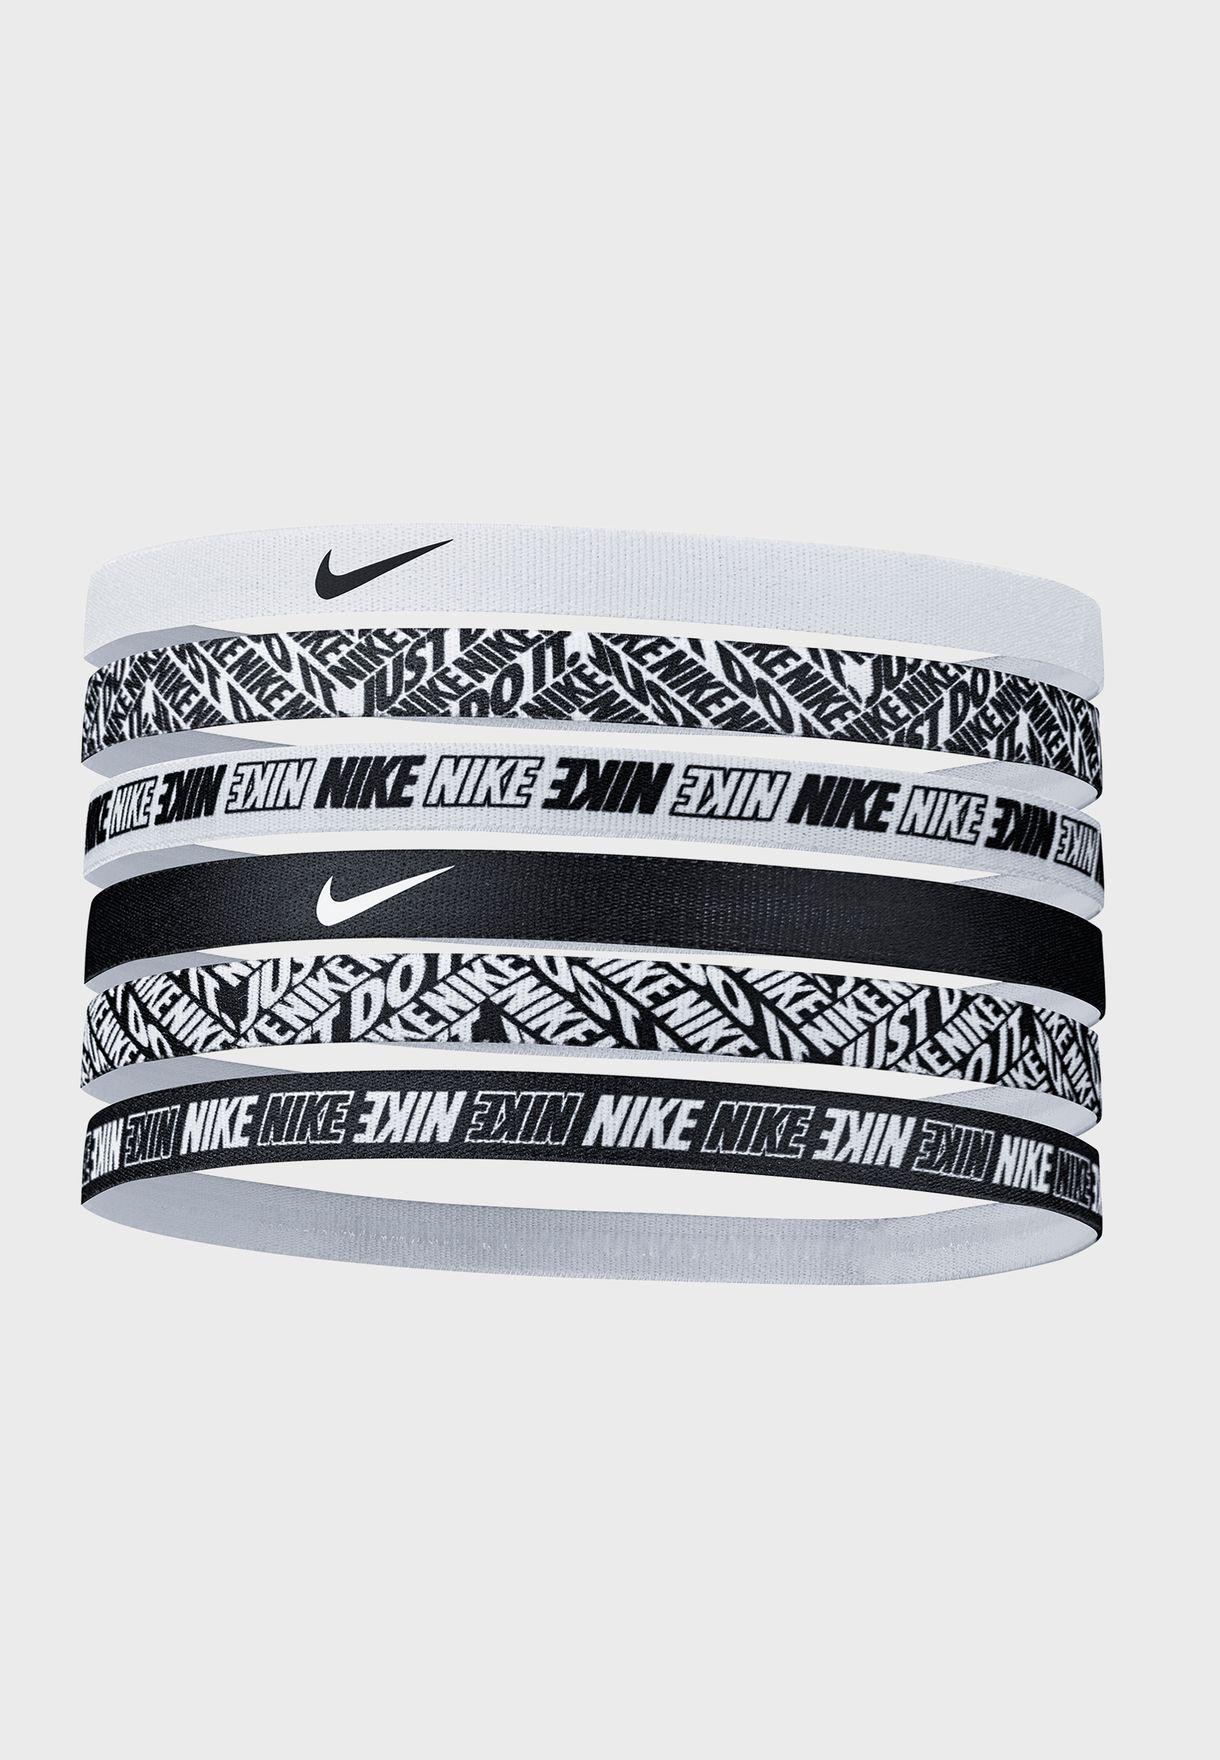 6 Pack Logo Headbands